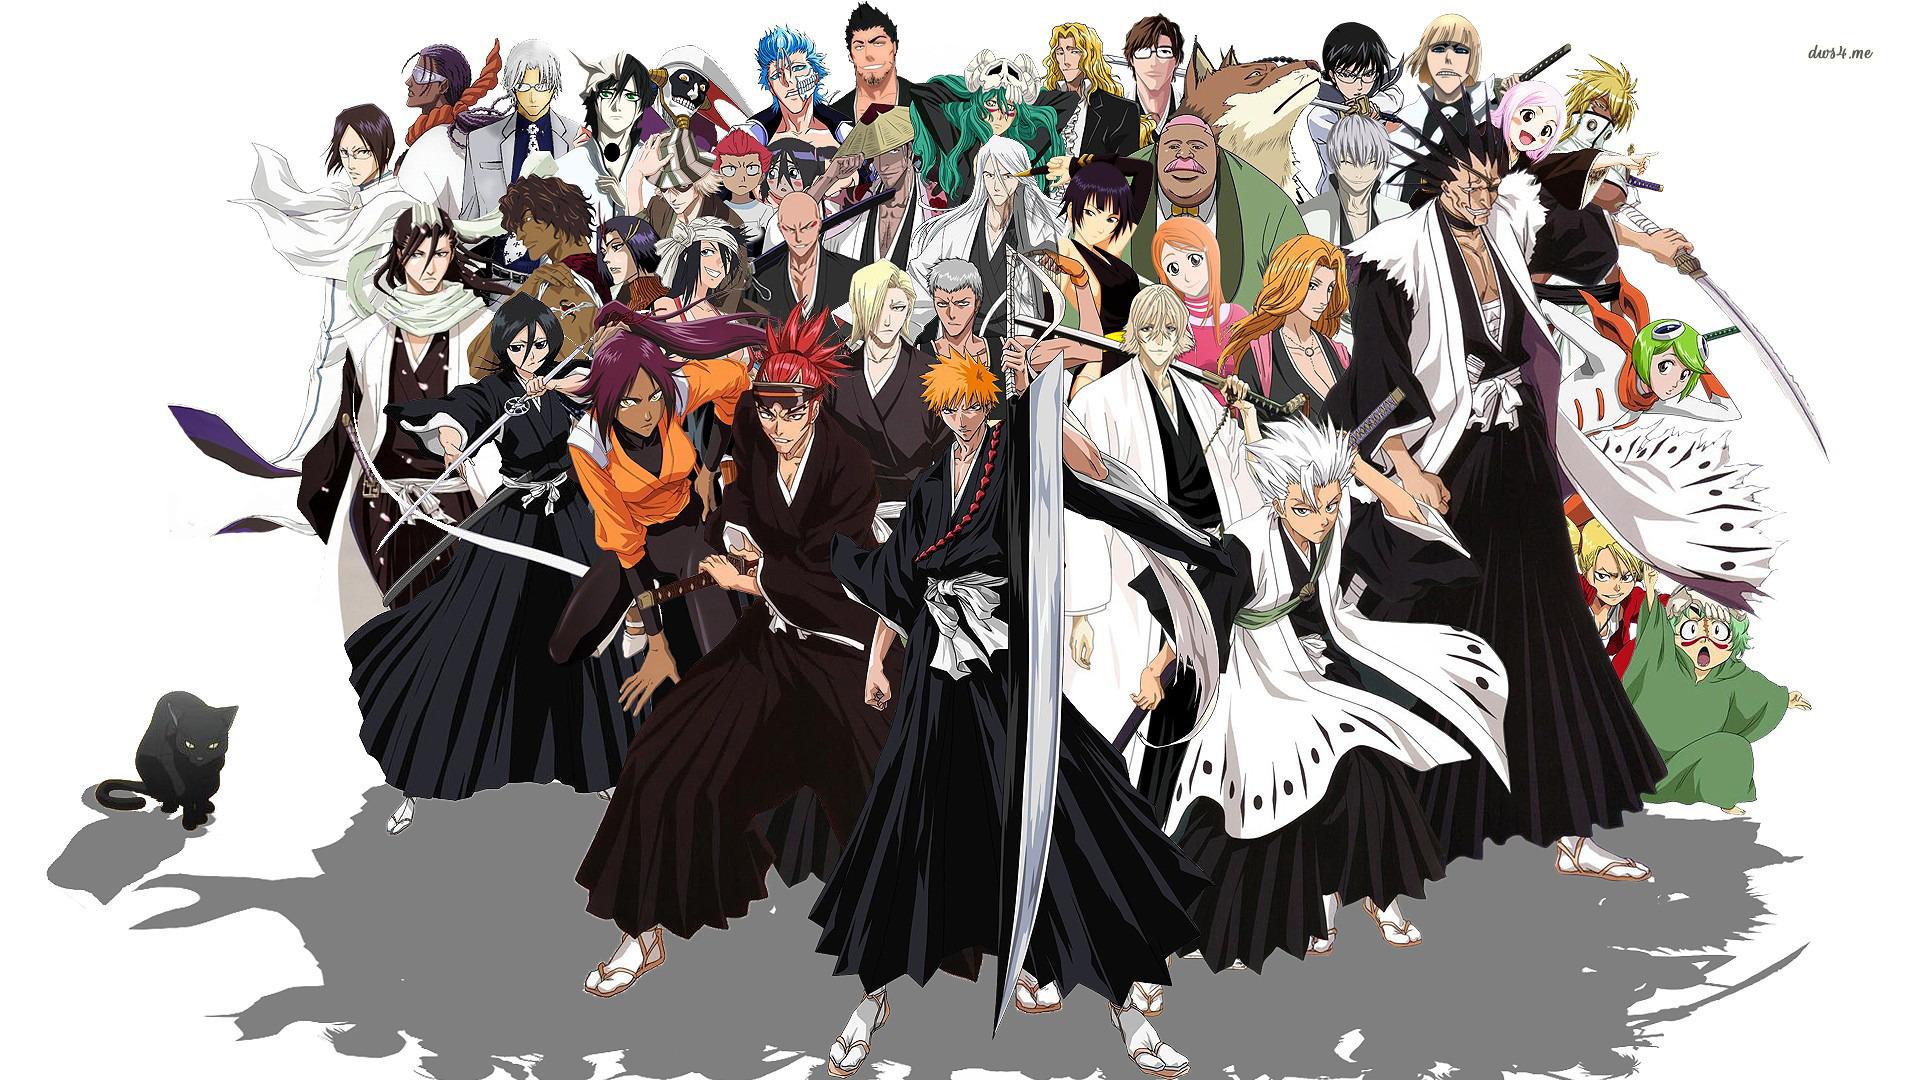 Bleach-hero-anime-wallpaper-hd.jpg